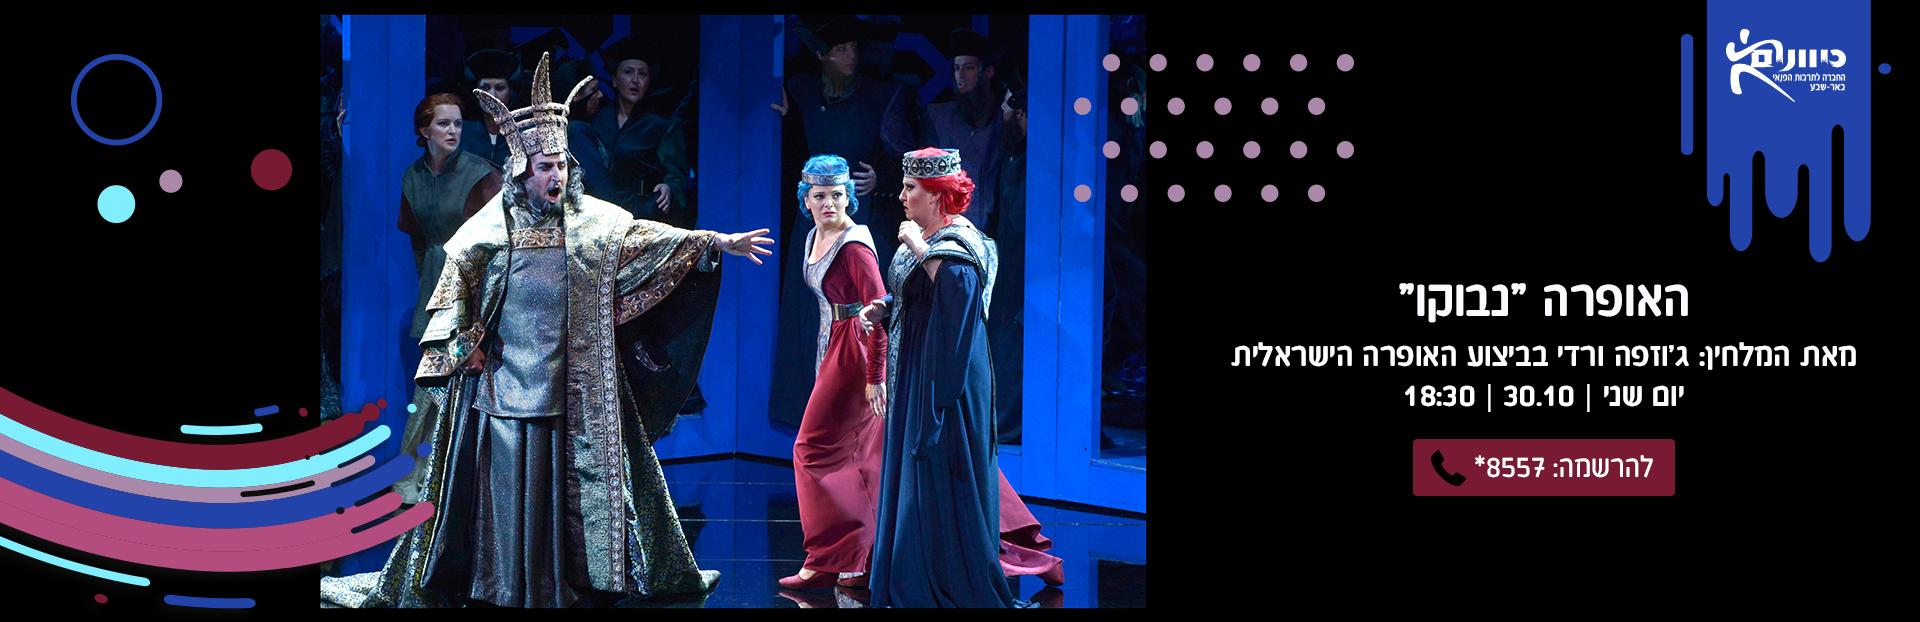 האופרה נבוקו באמפיפארק באר שבע לפרטים נוספים לחץ כאן